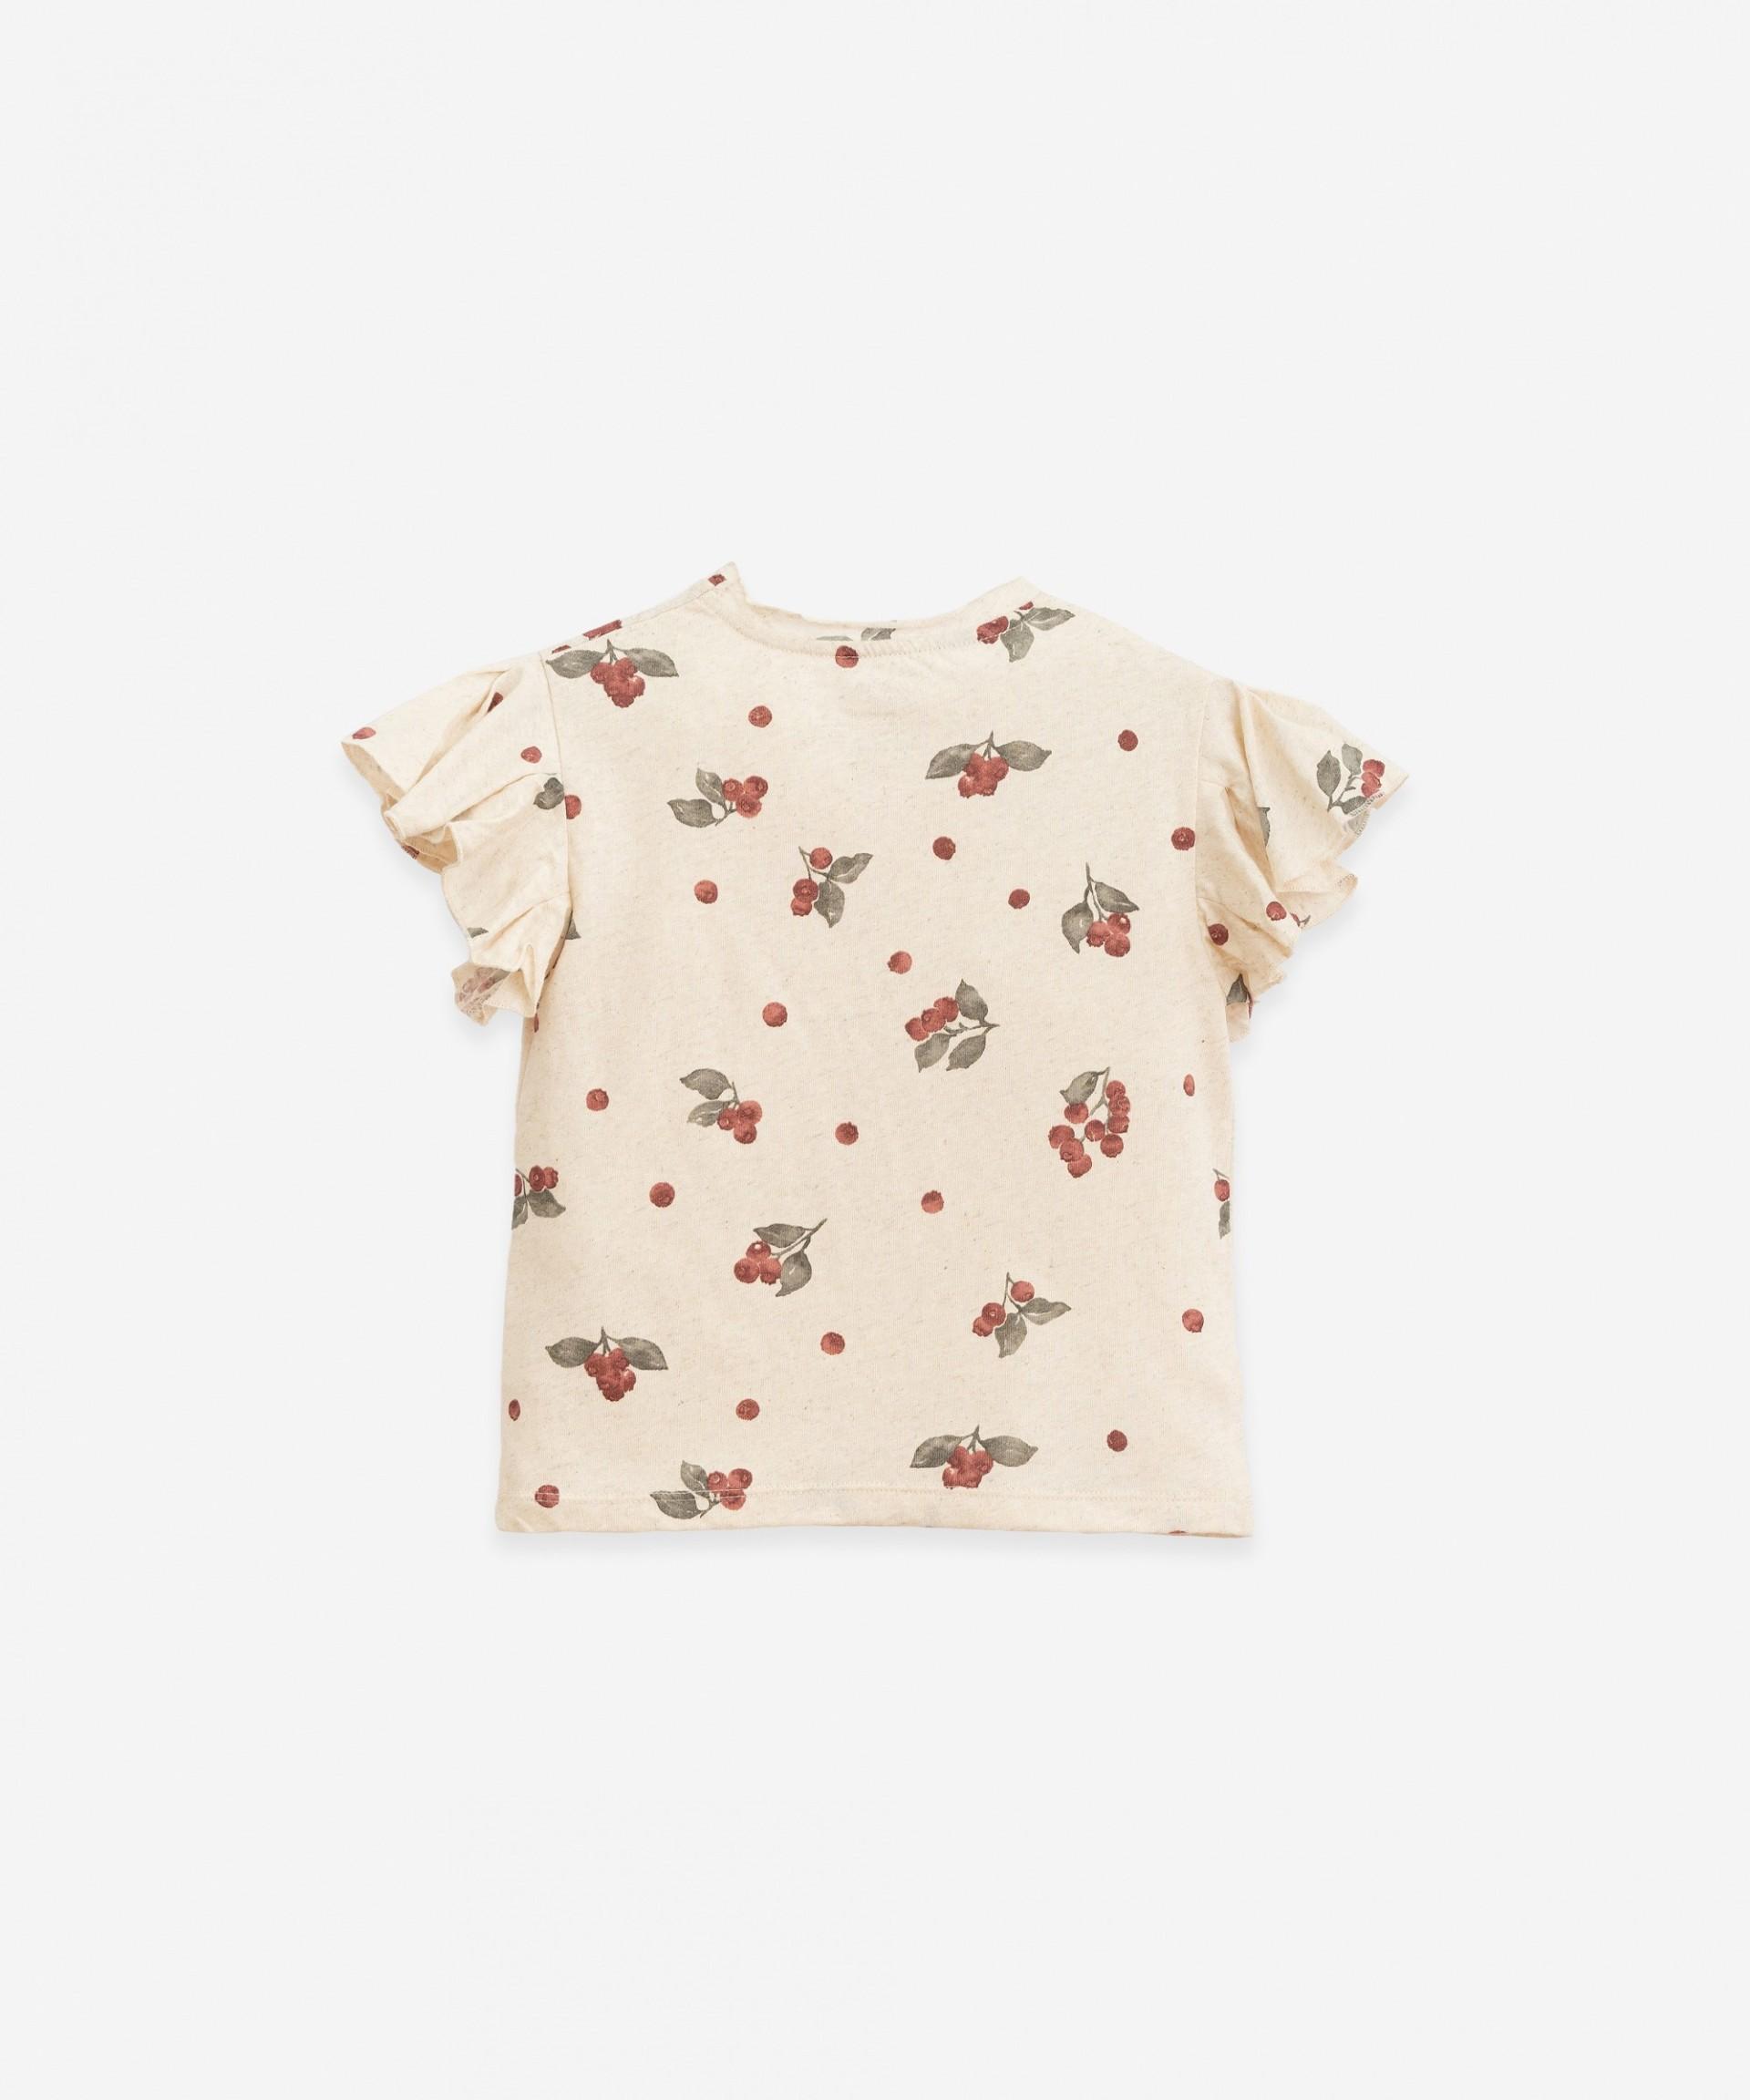 T-shirt com estampado de mirtilos | Botany